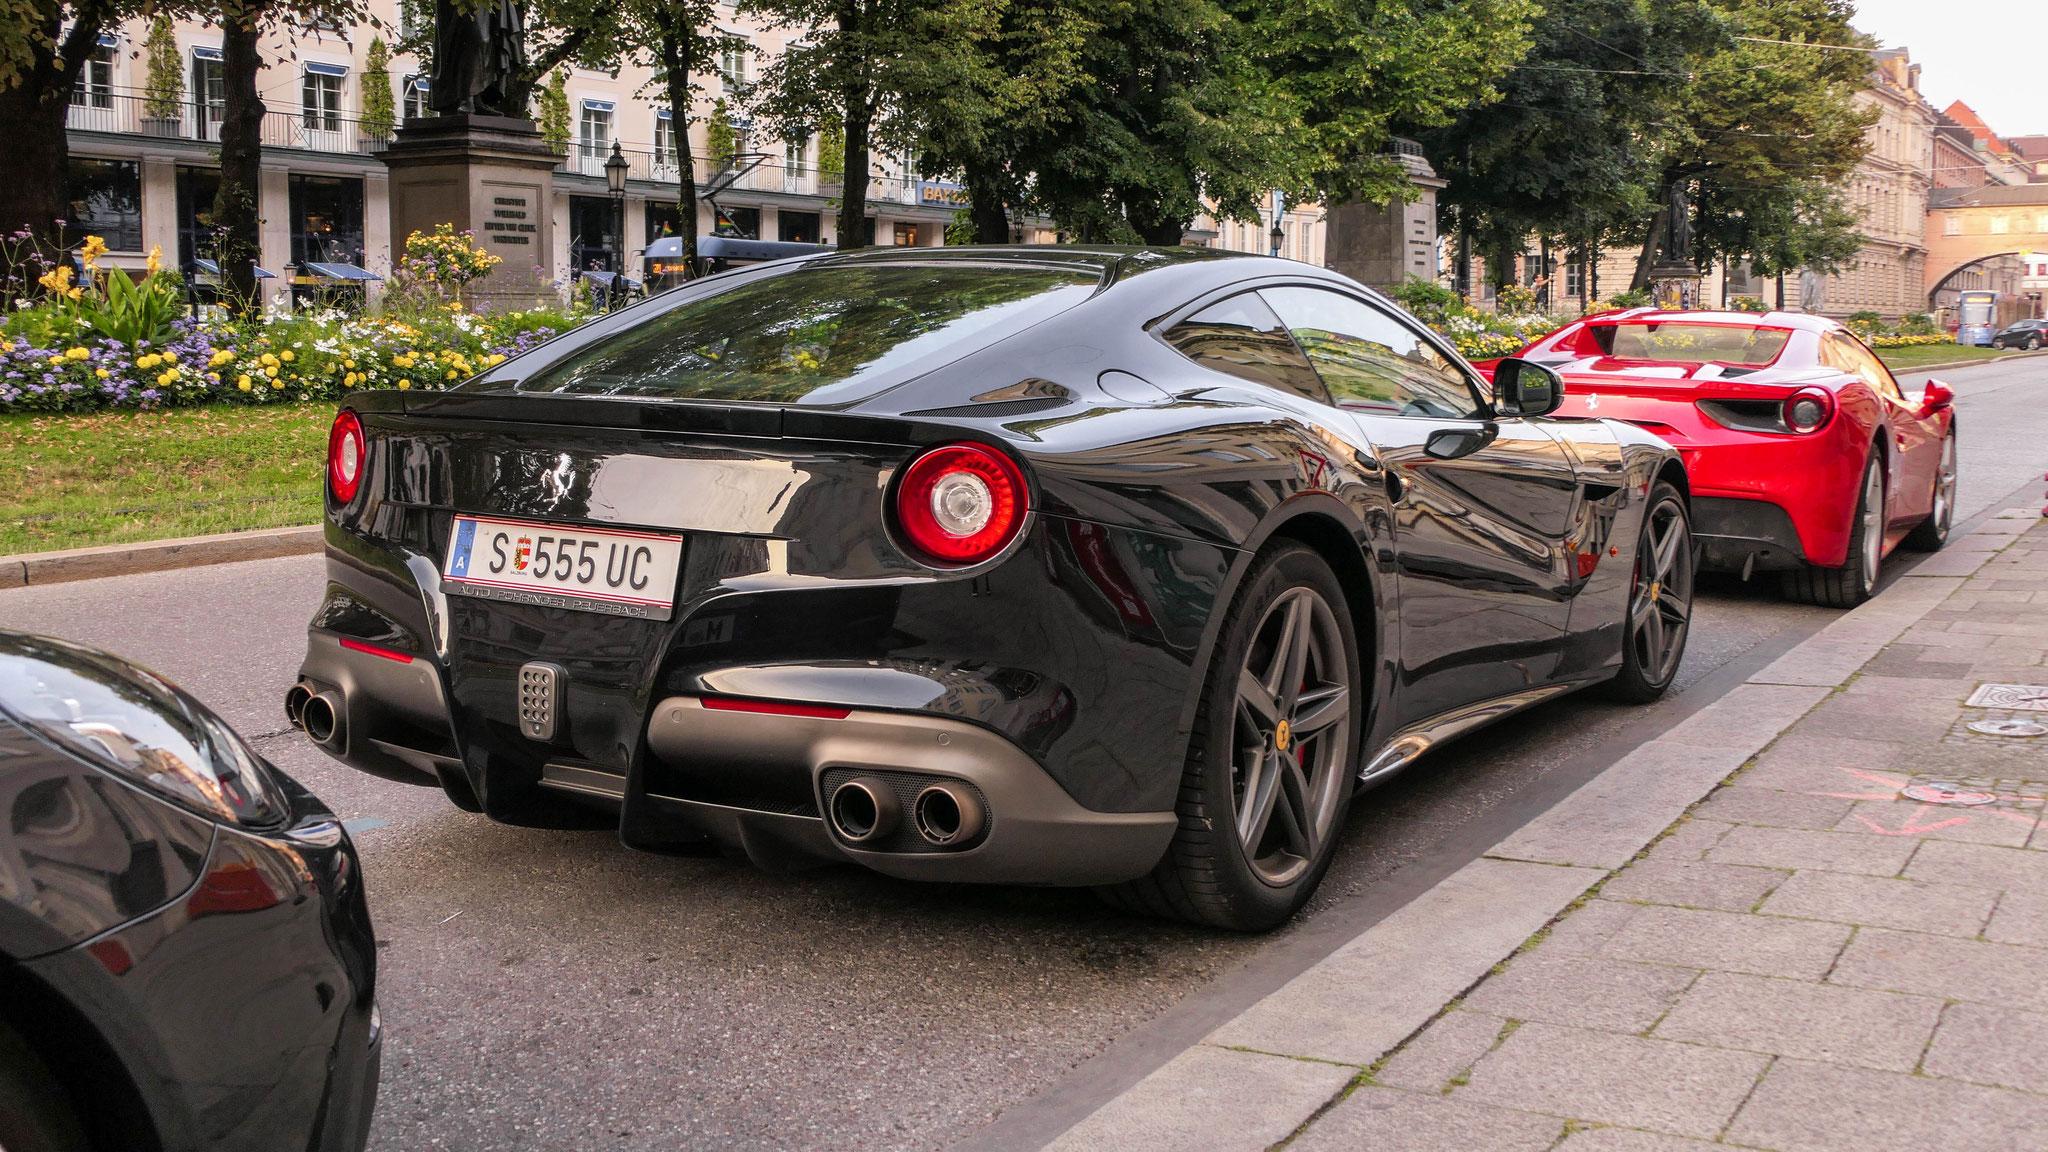 Ferrari F12 Berlinetta - S-555-UC (AUT)